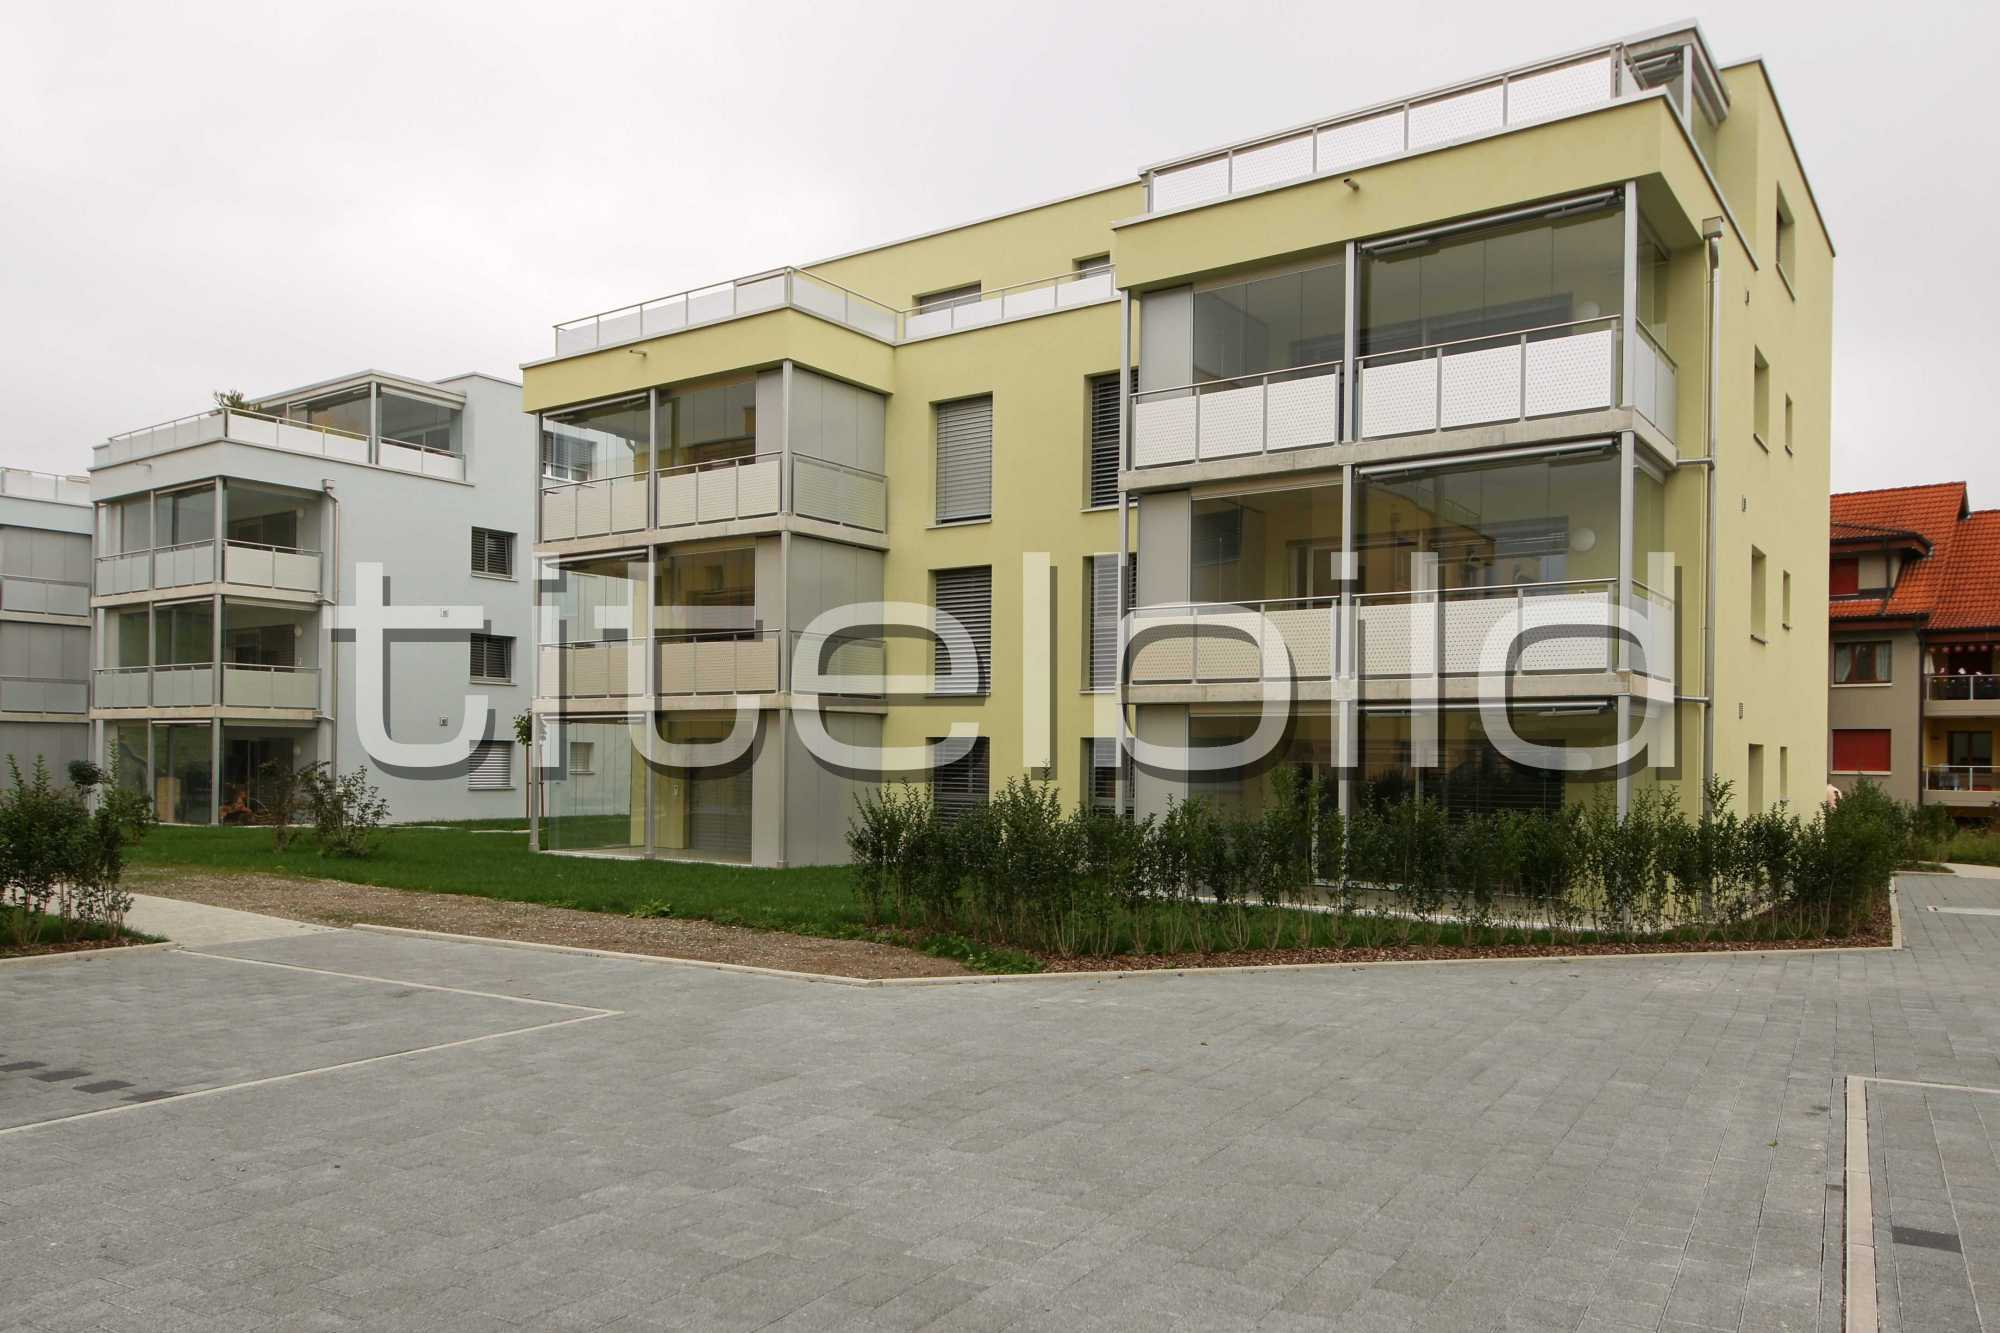 Projektbild-Nr. 1: MFH, Spielhof 4, Pfaffnau